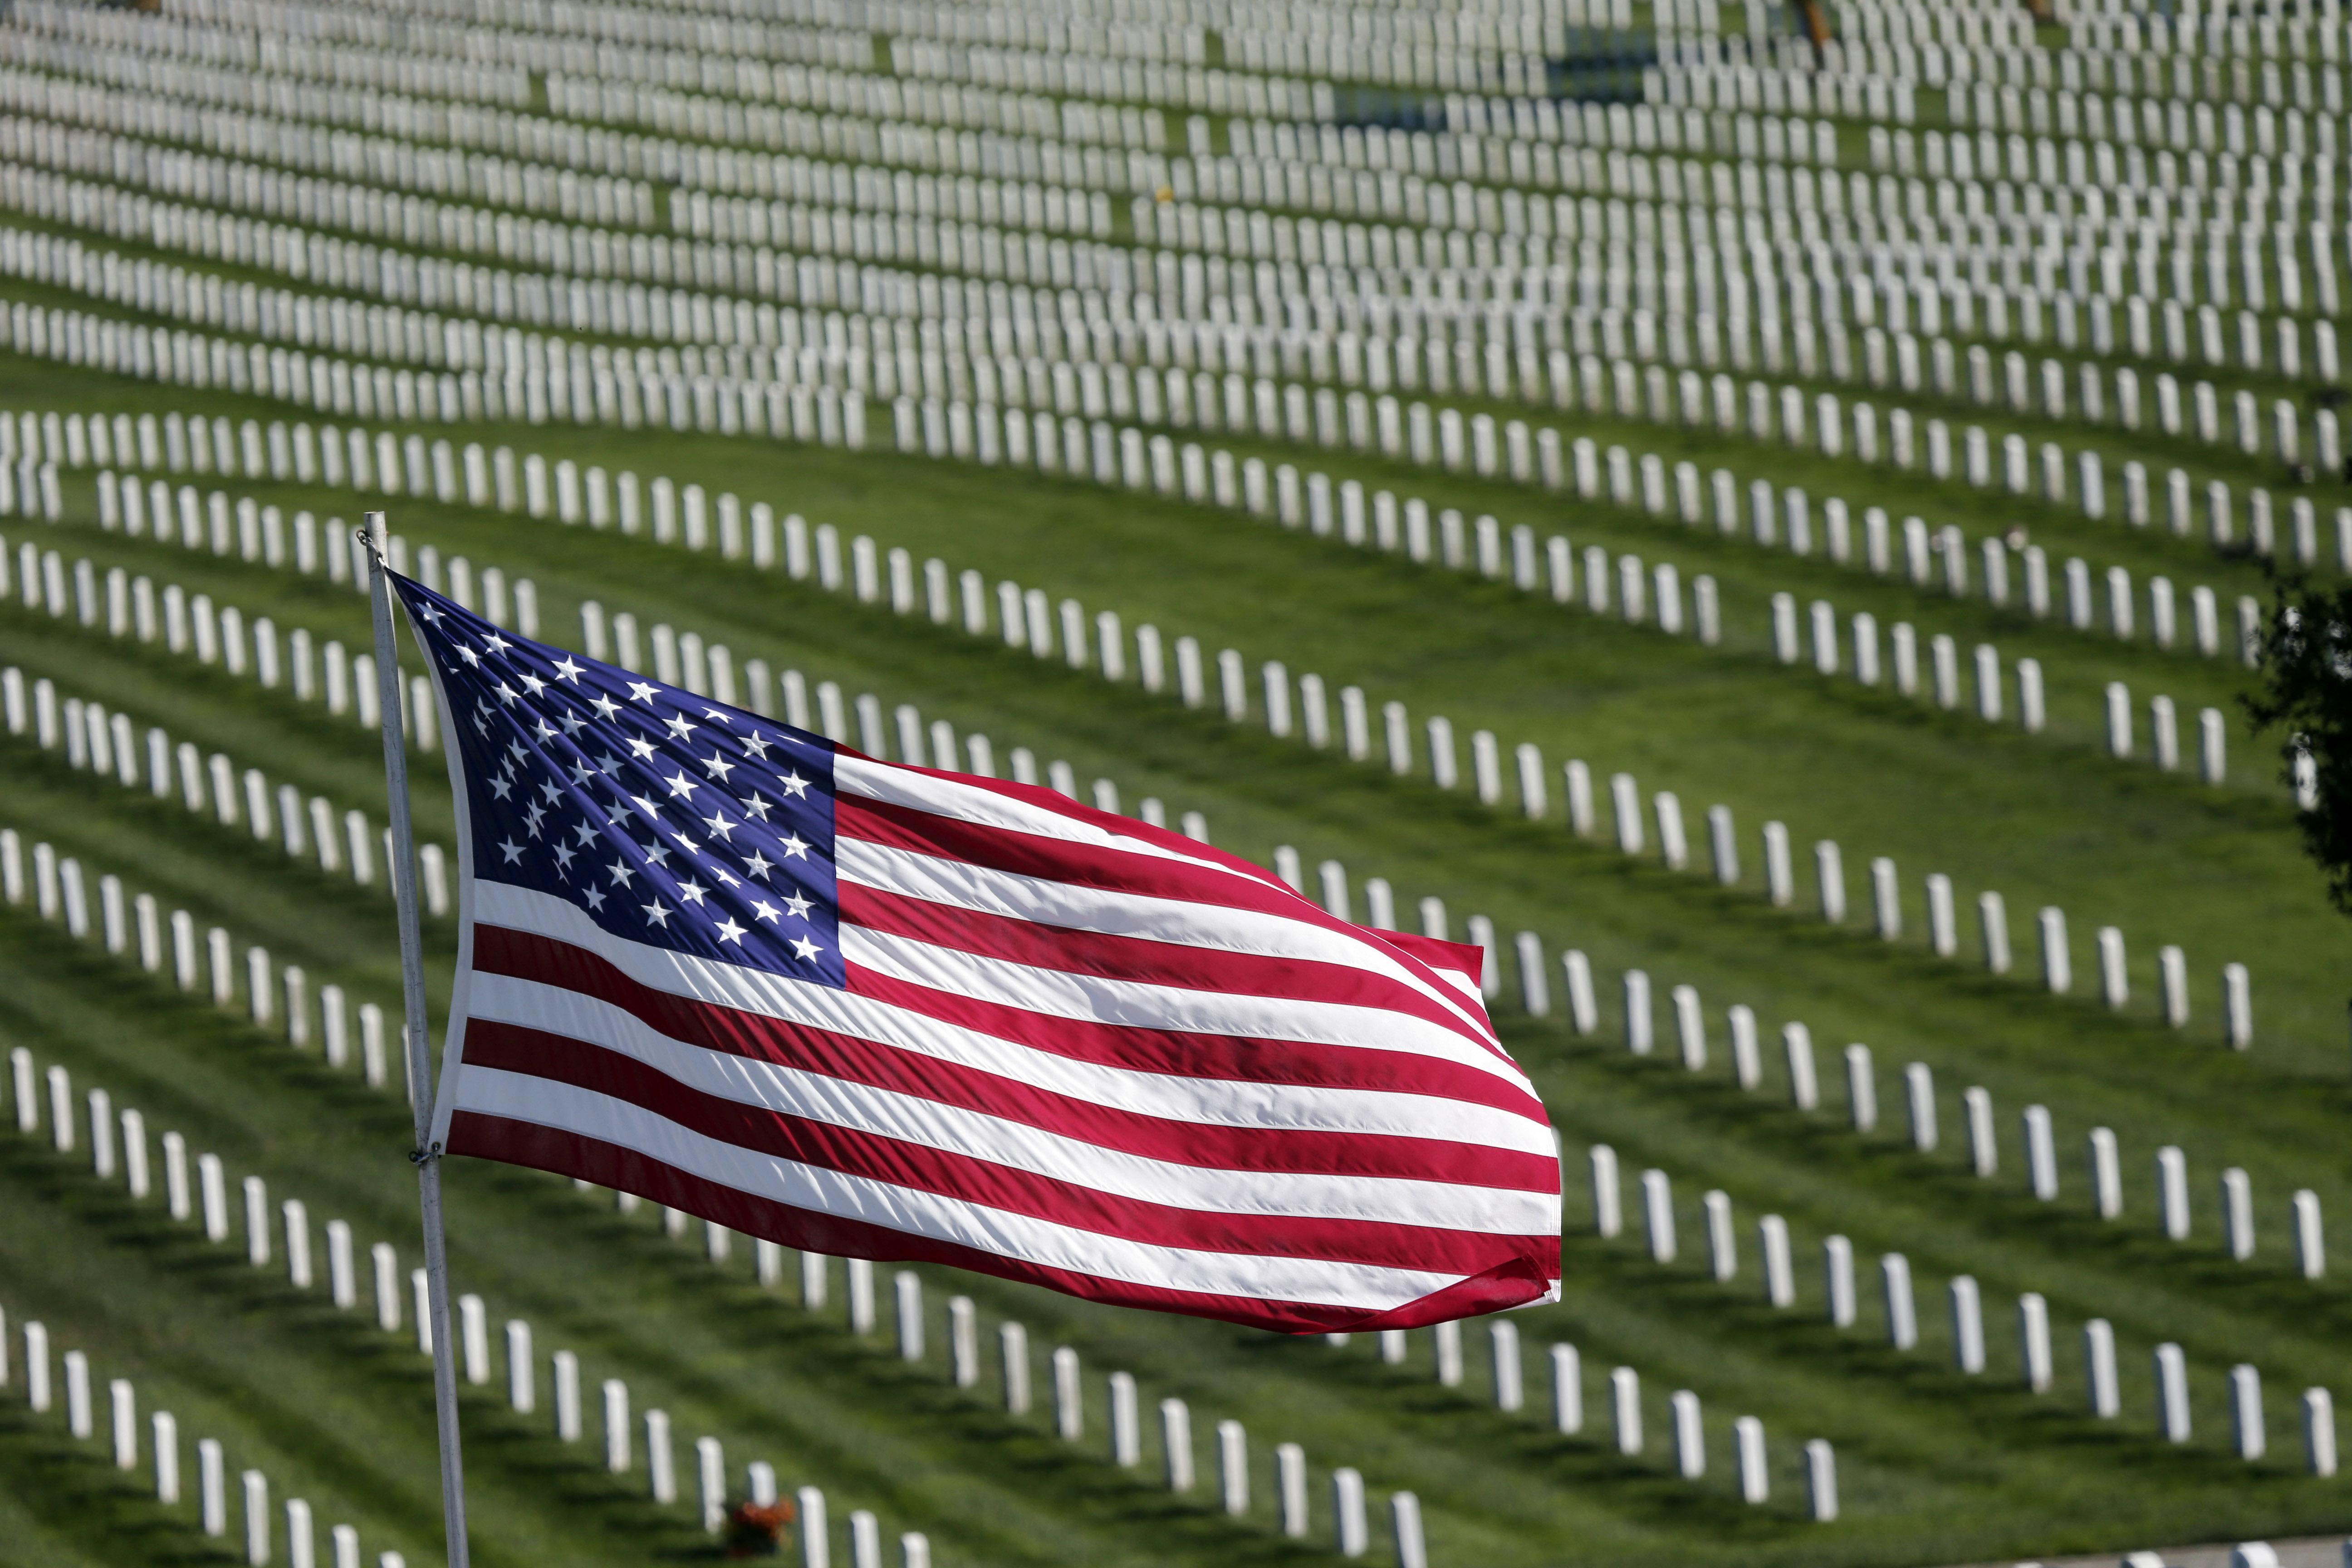 veterans day memorial images